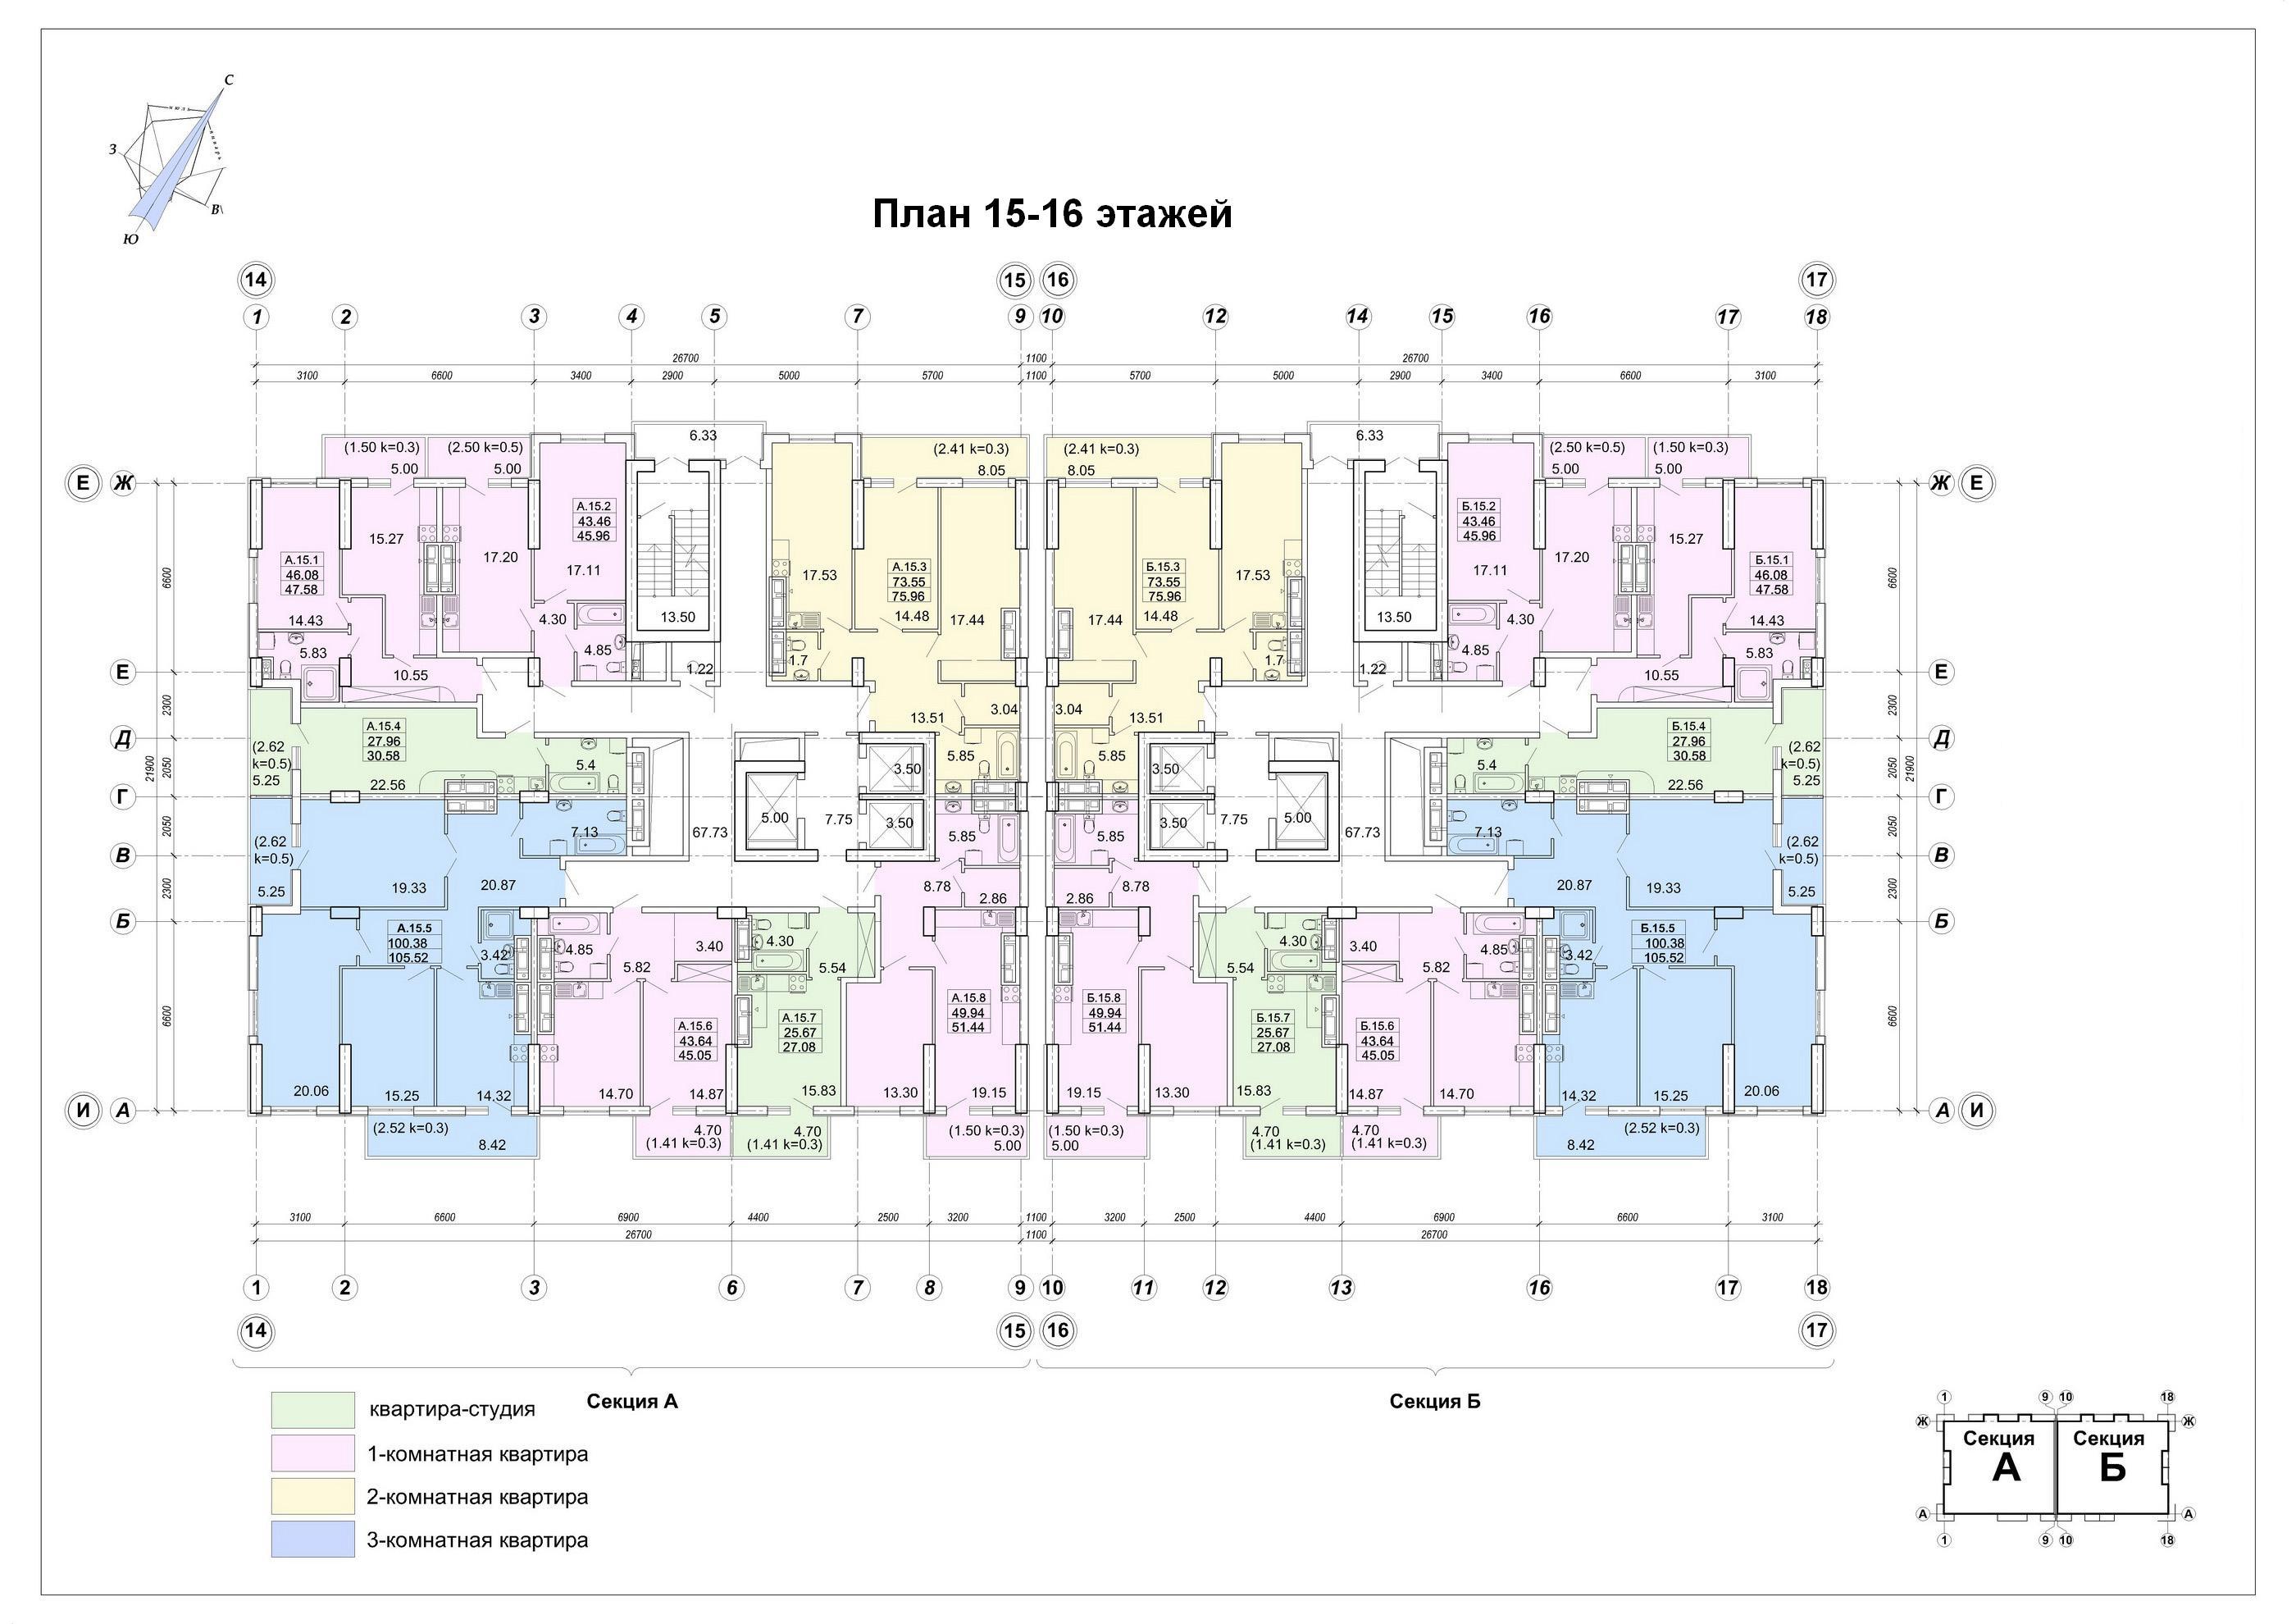 ЖК Акрополь план 15-16 этажей